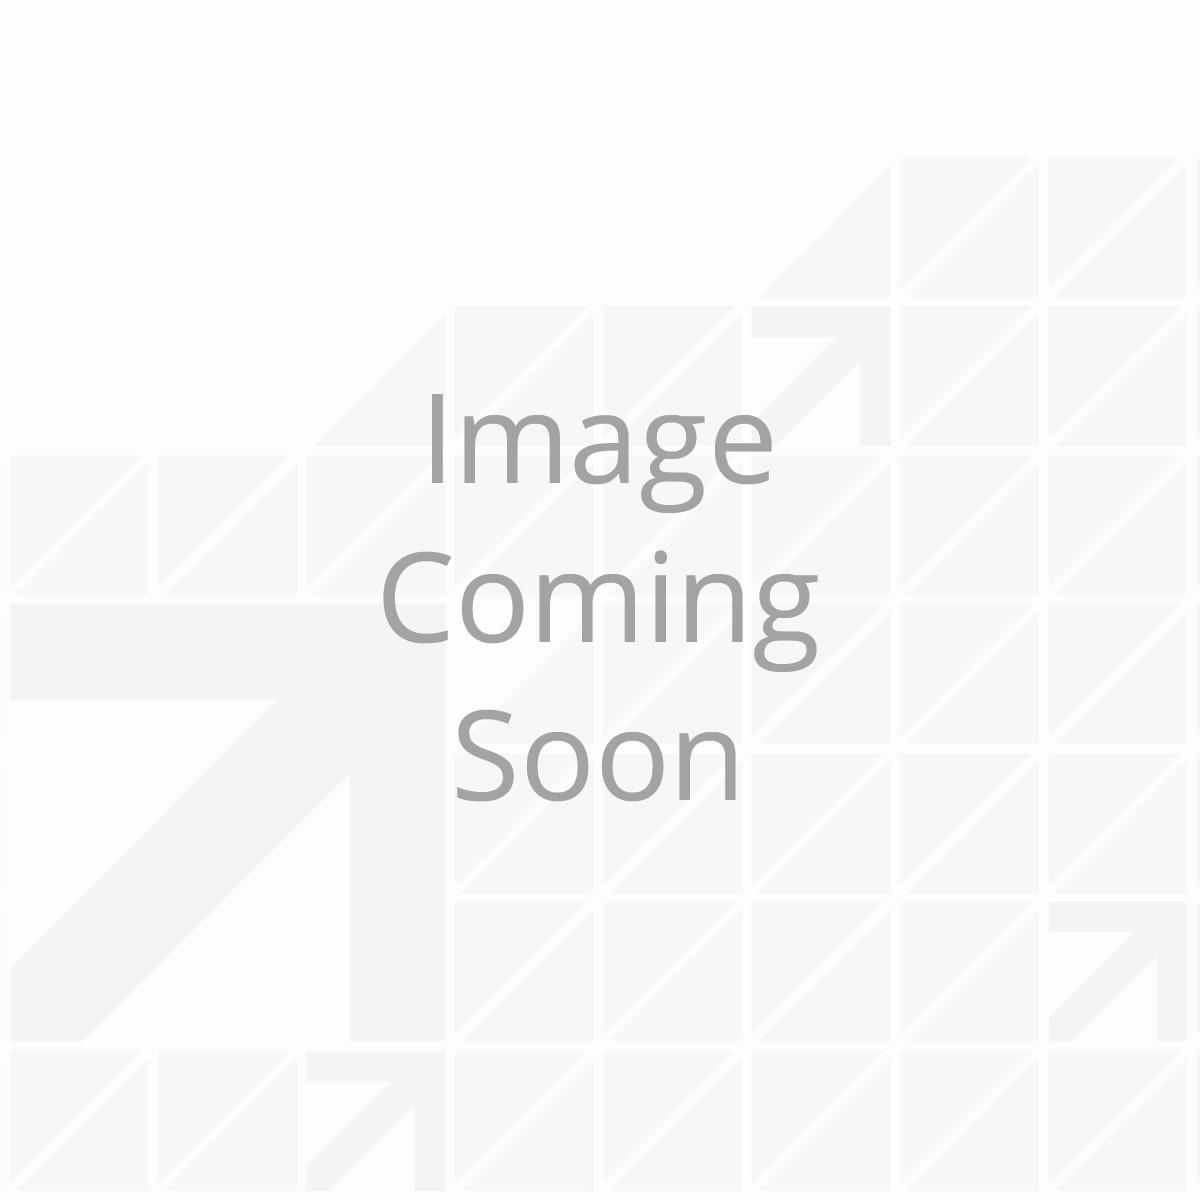 Reel Away™ Deluxe Cord Reel - Various Sizes